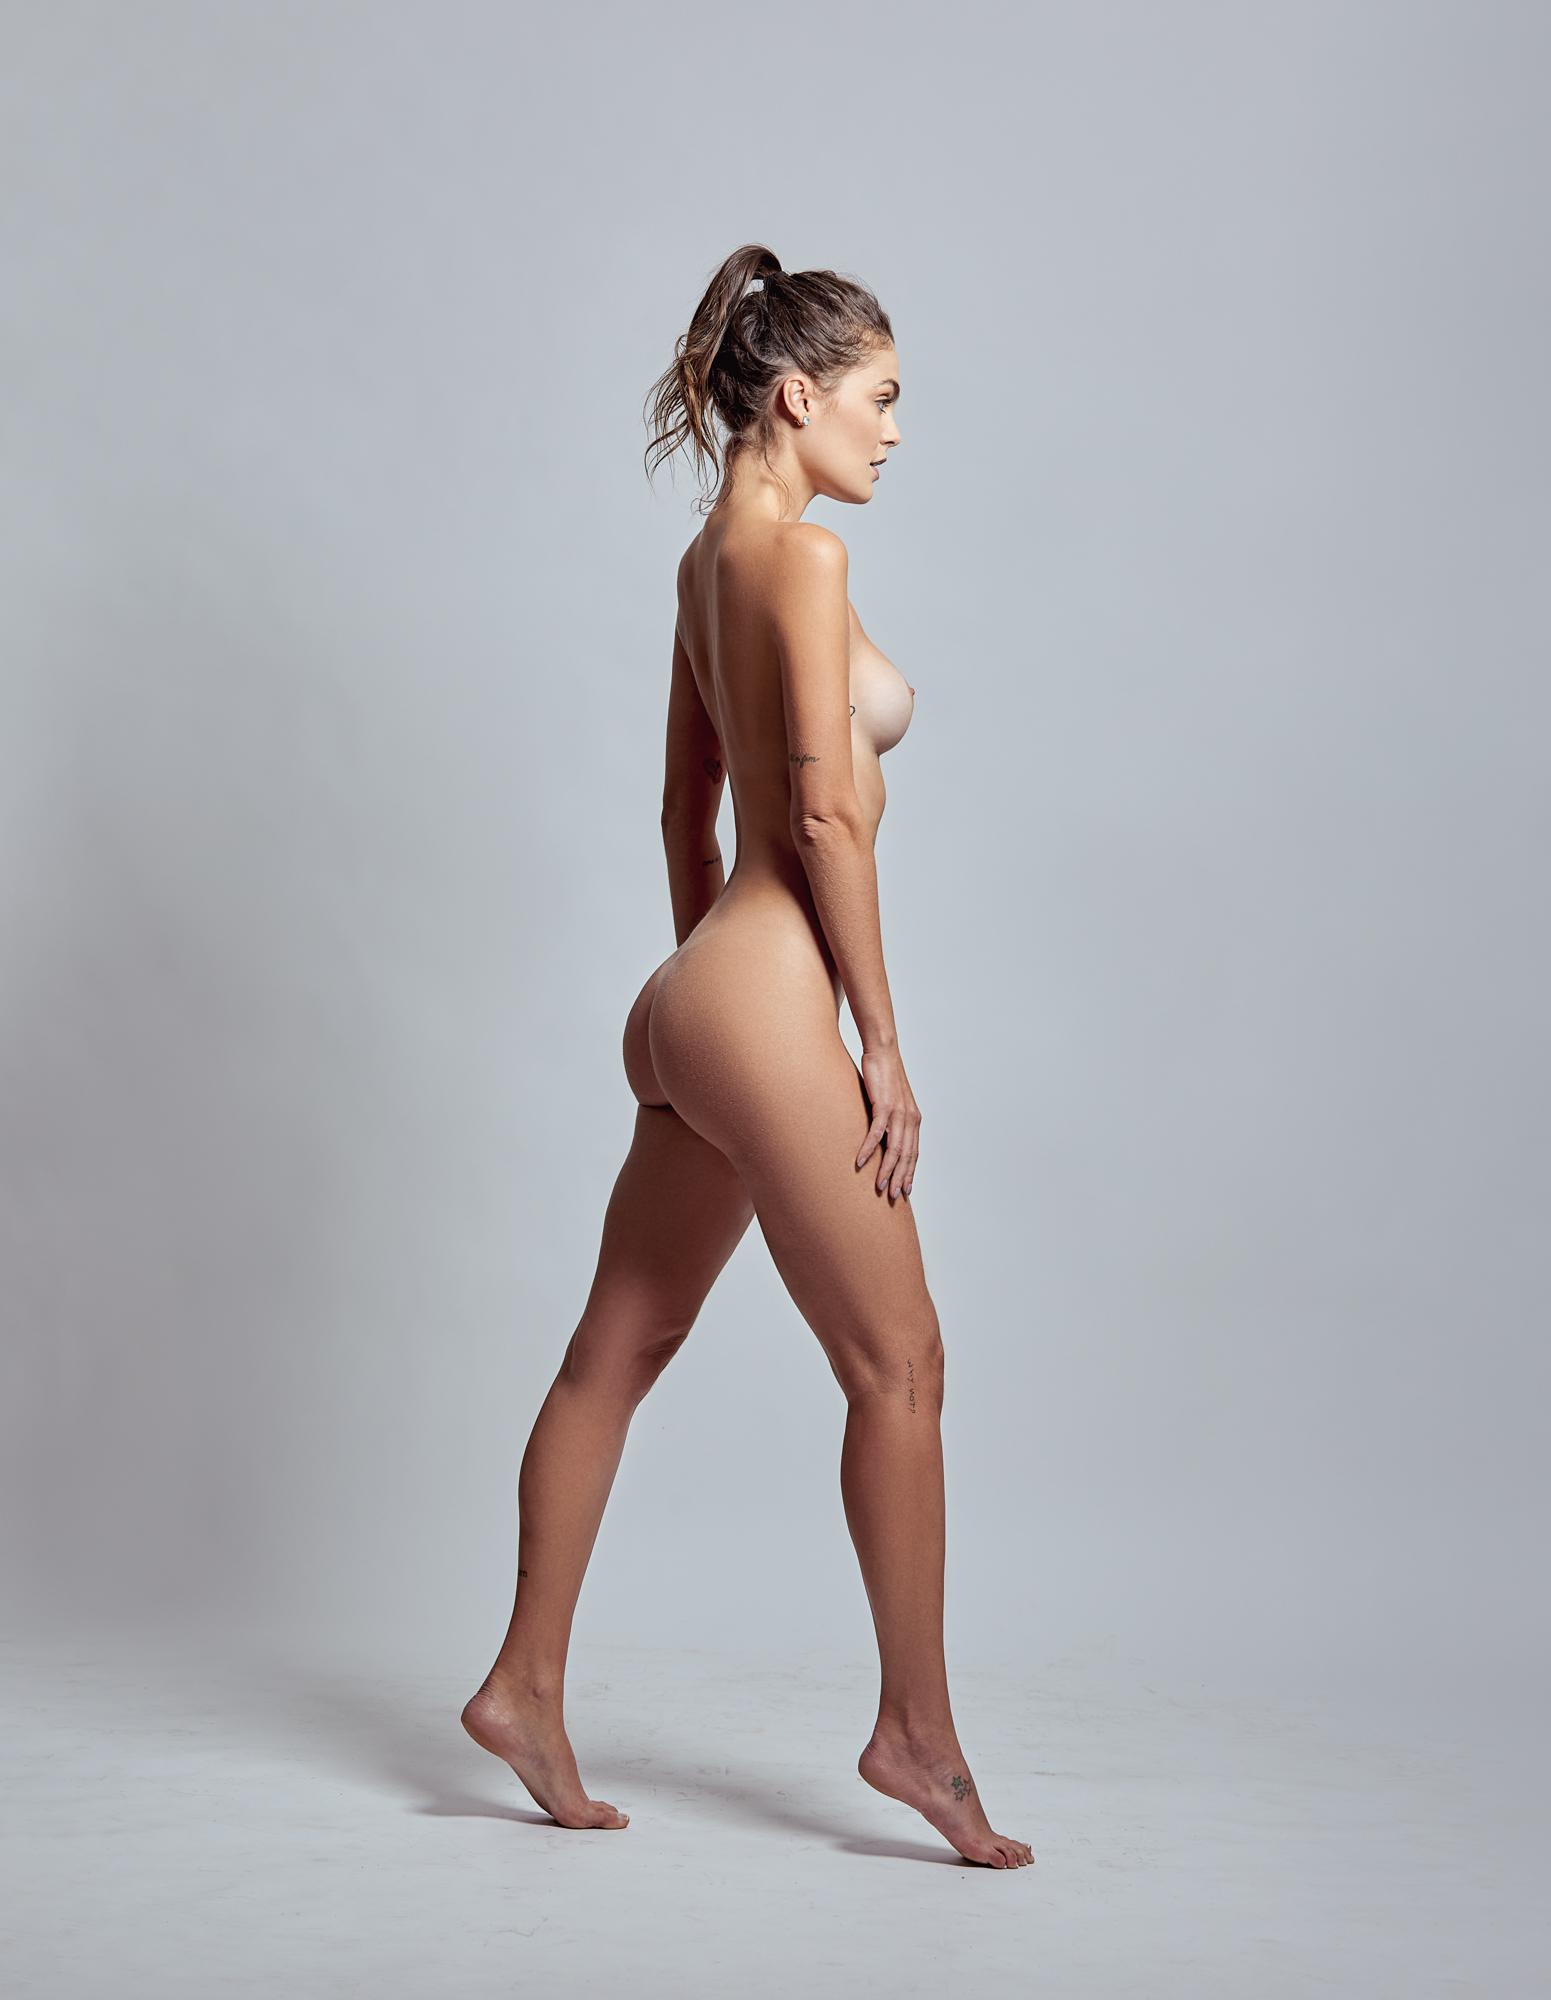 Carolina Nogueira